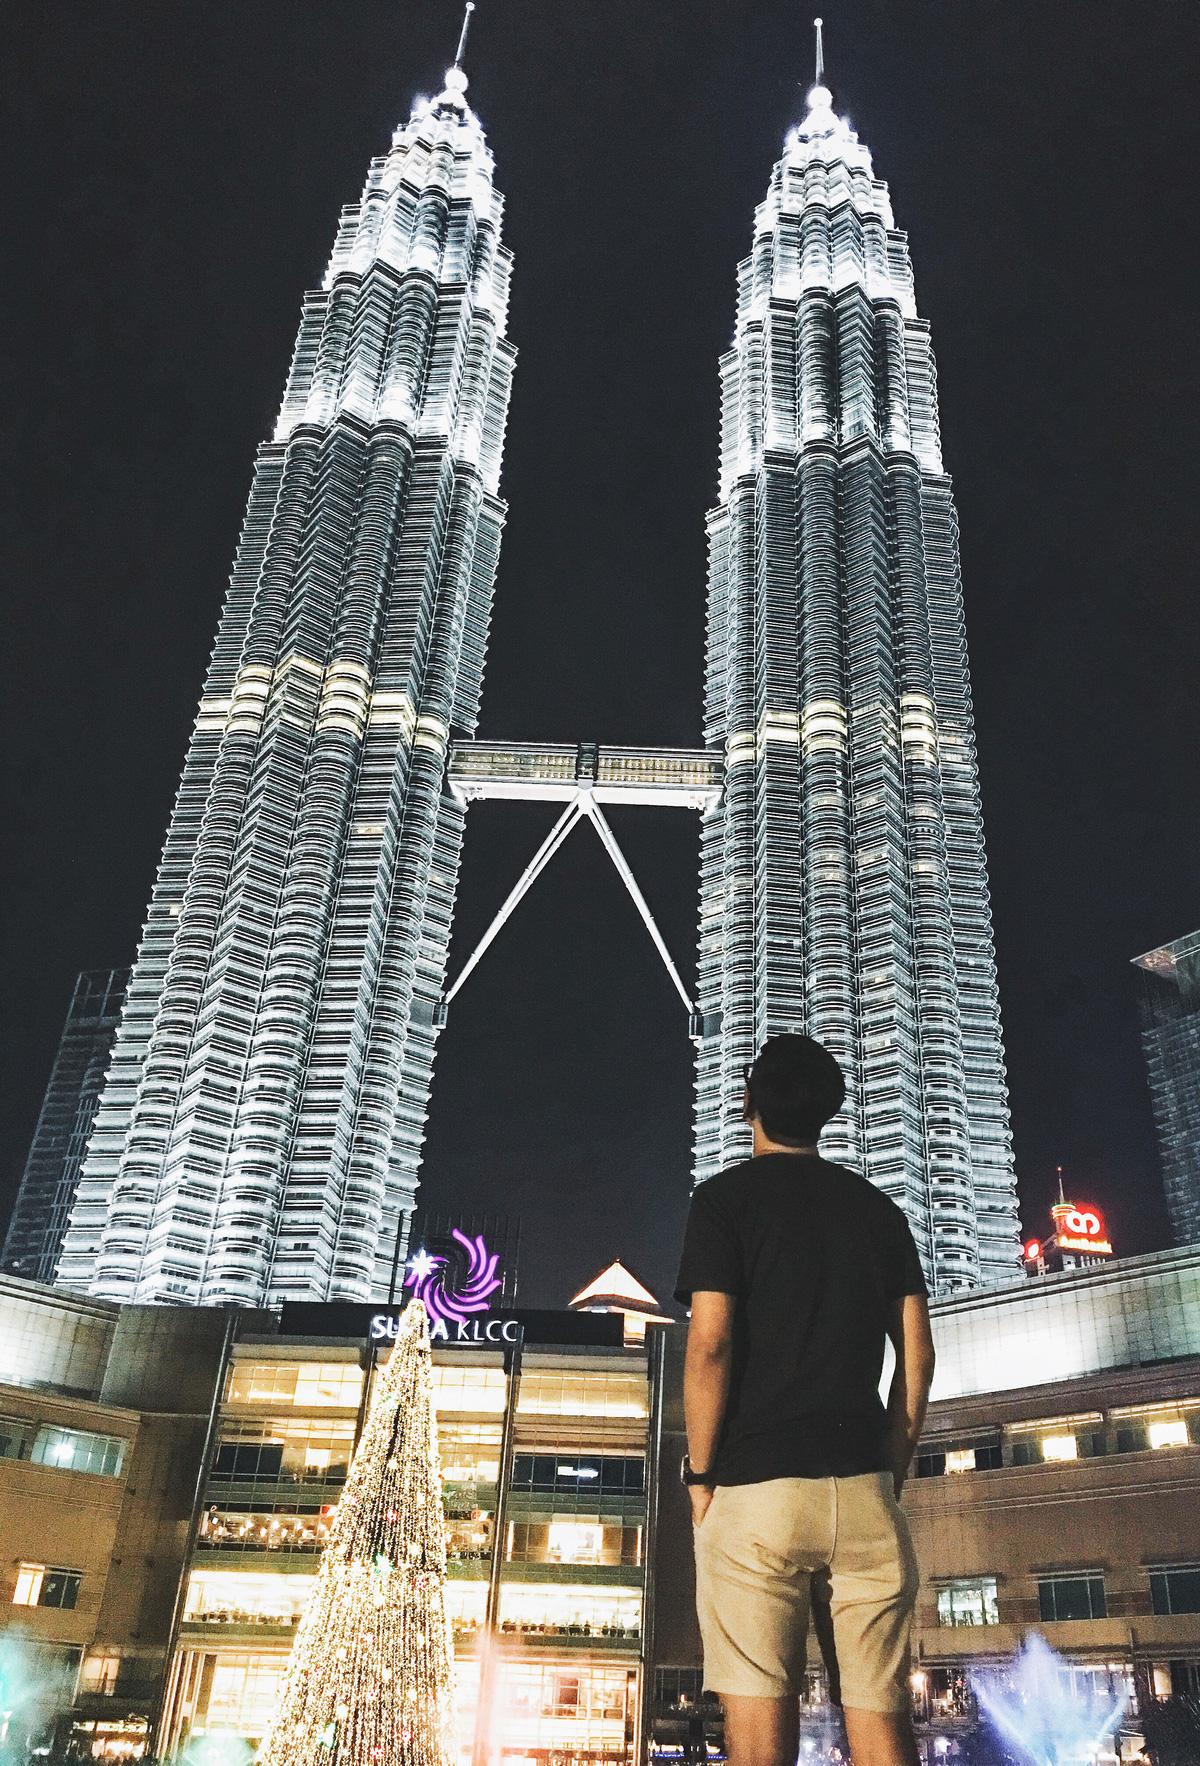 Leo núi trên mây, vượt thác, ngắm công viên đom đóm - 1001 trải nghiệm đang chờ bạn ở Malaysia! - Ảnh 8.